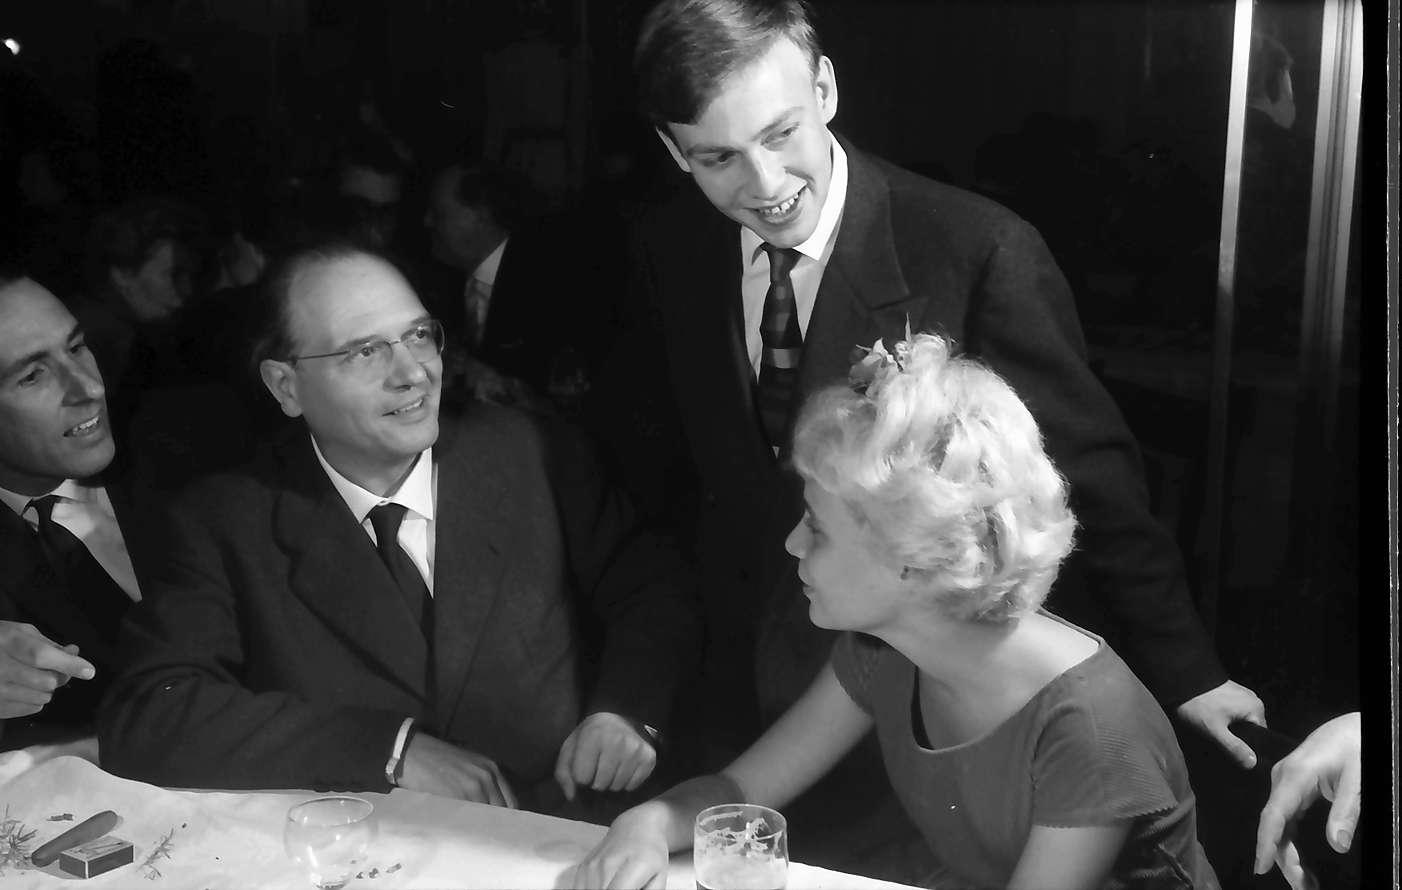 Donaueschingen: Donaueschinger Musiktage; Empfang im Schloss; Gruppe am Tisch: Oliver Messiaen, Bild 1